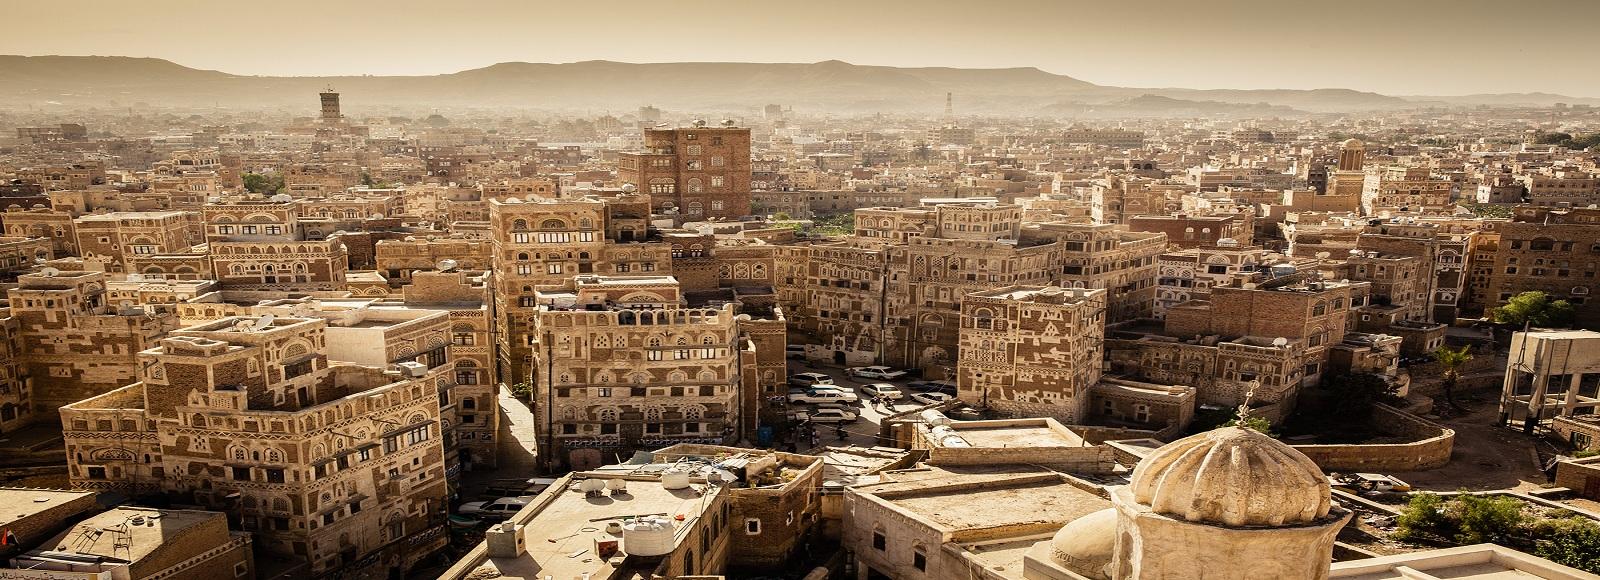 توقعات الطقس فى صنعاء |travelistica.com